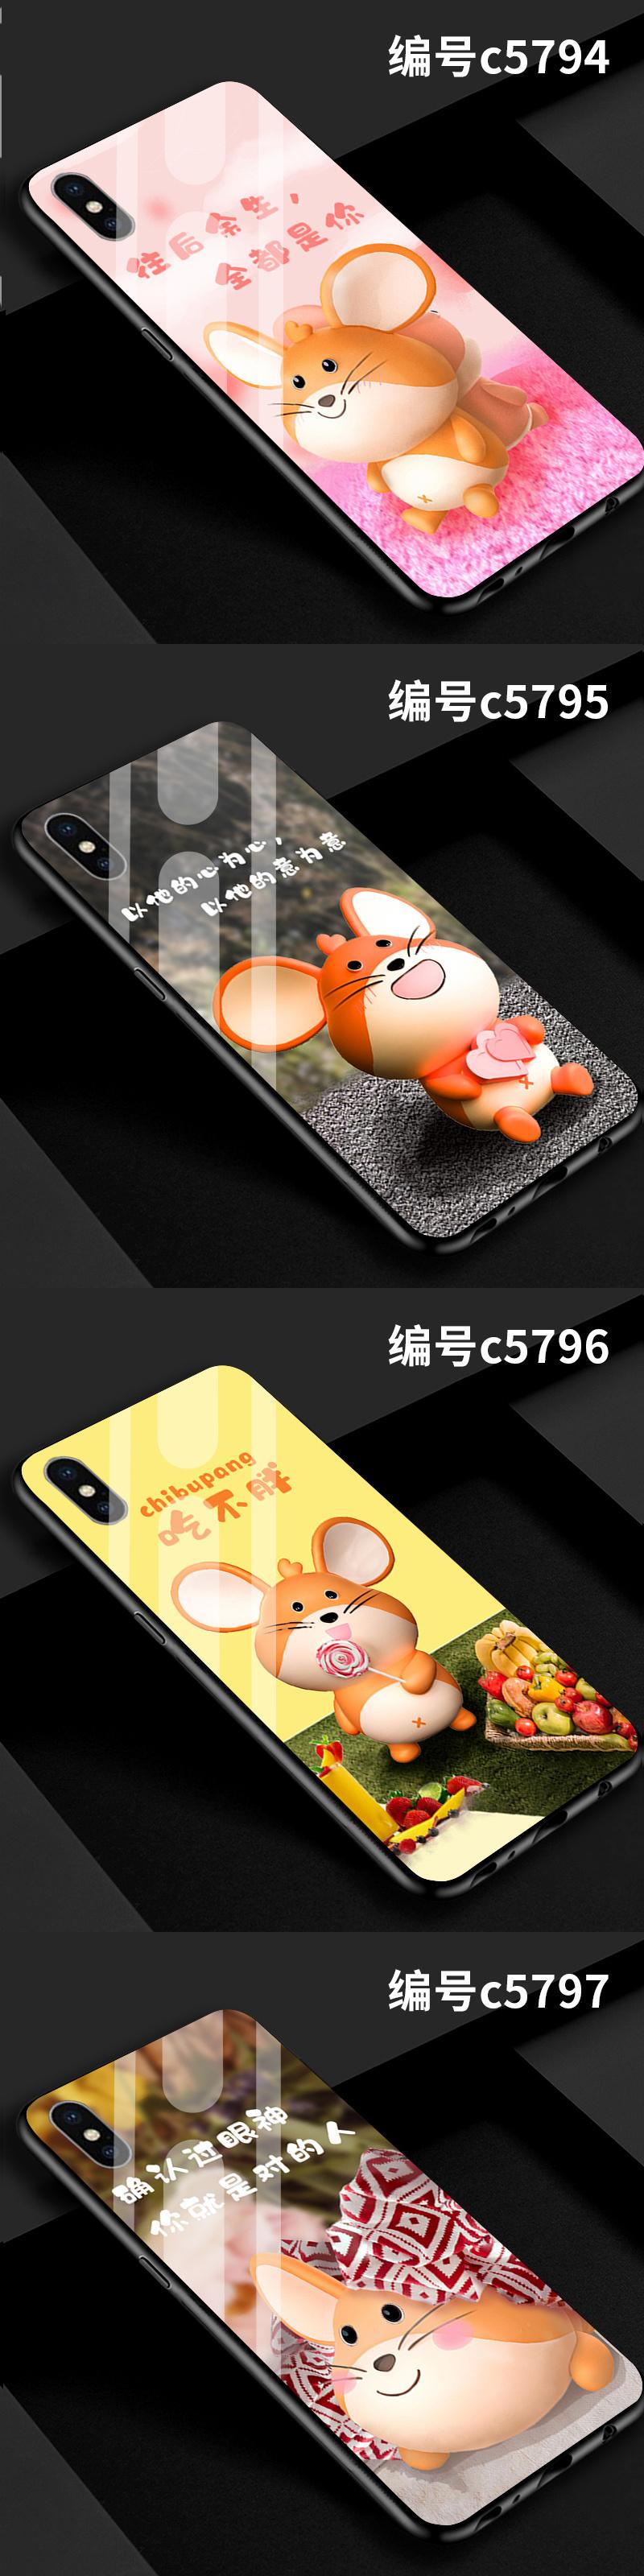 鼠年老鼠ip手机壳设计